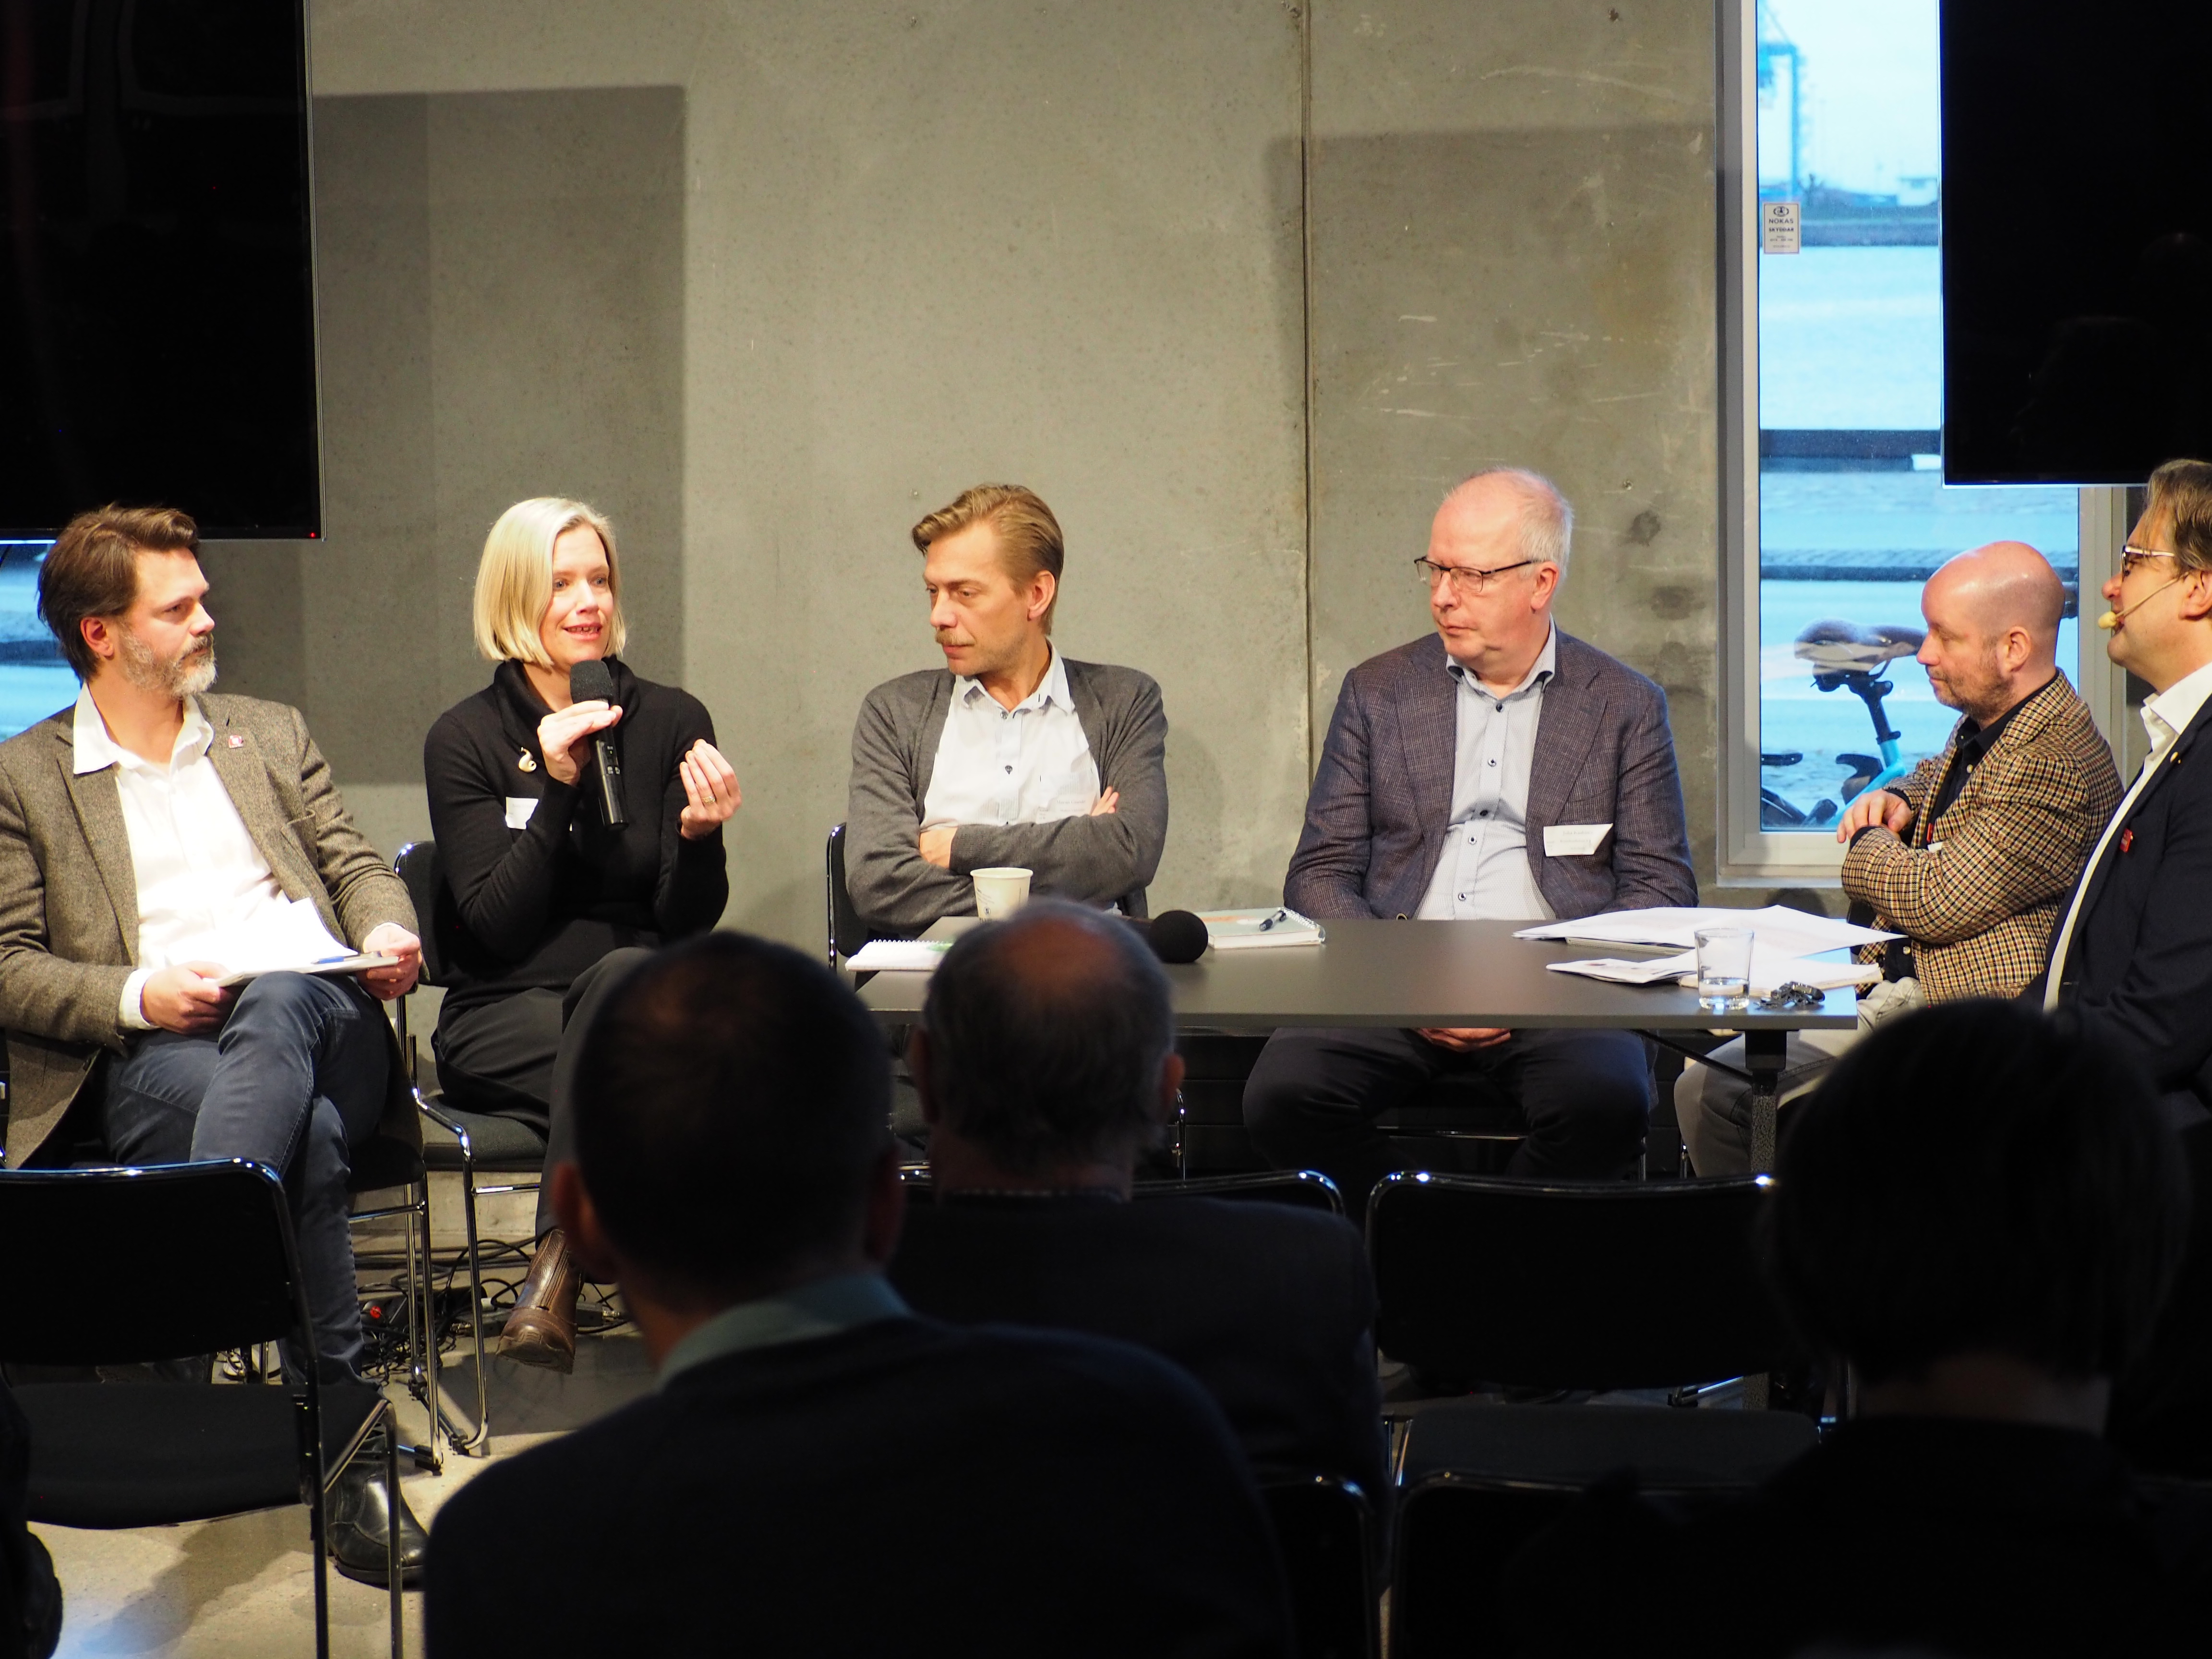 Markus Kallifatides, Anna Granath Hansson, Martin Grander, Juha Kaakinen och Jonas Wihlstrand om bostadspolitik och lösningar för att få fram bostäder. (Foto: Charbel Sader)